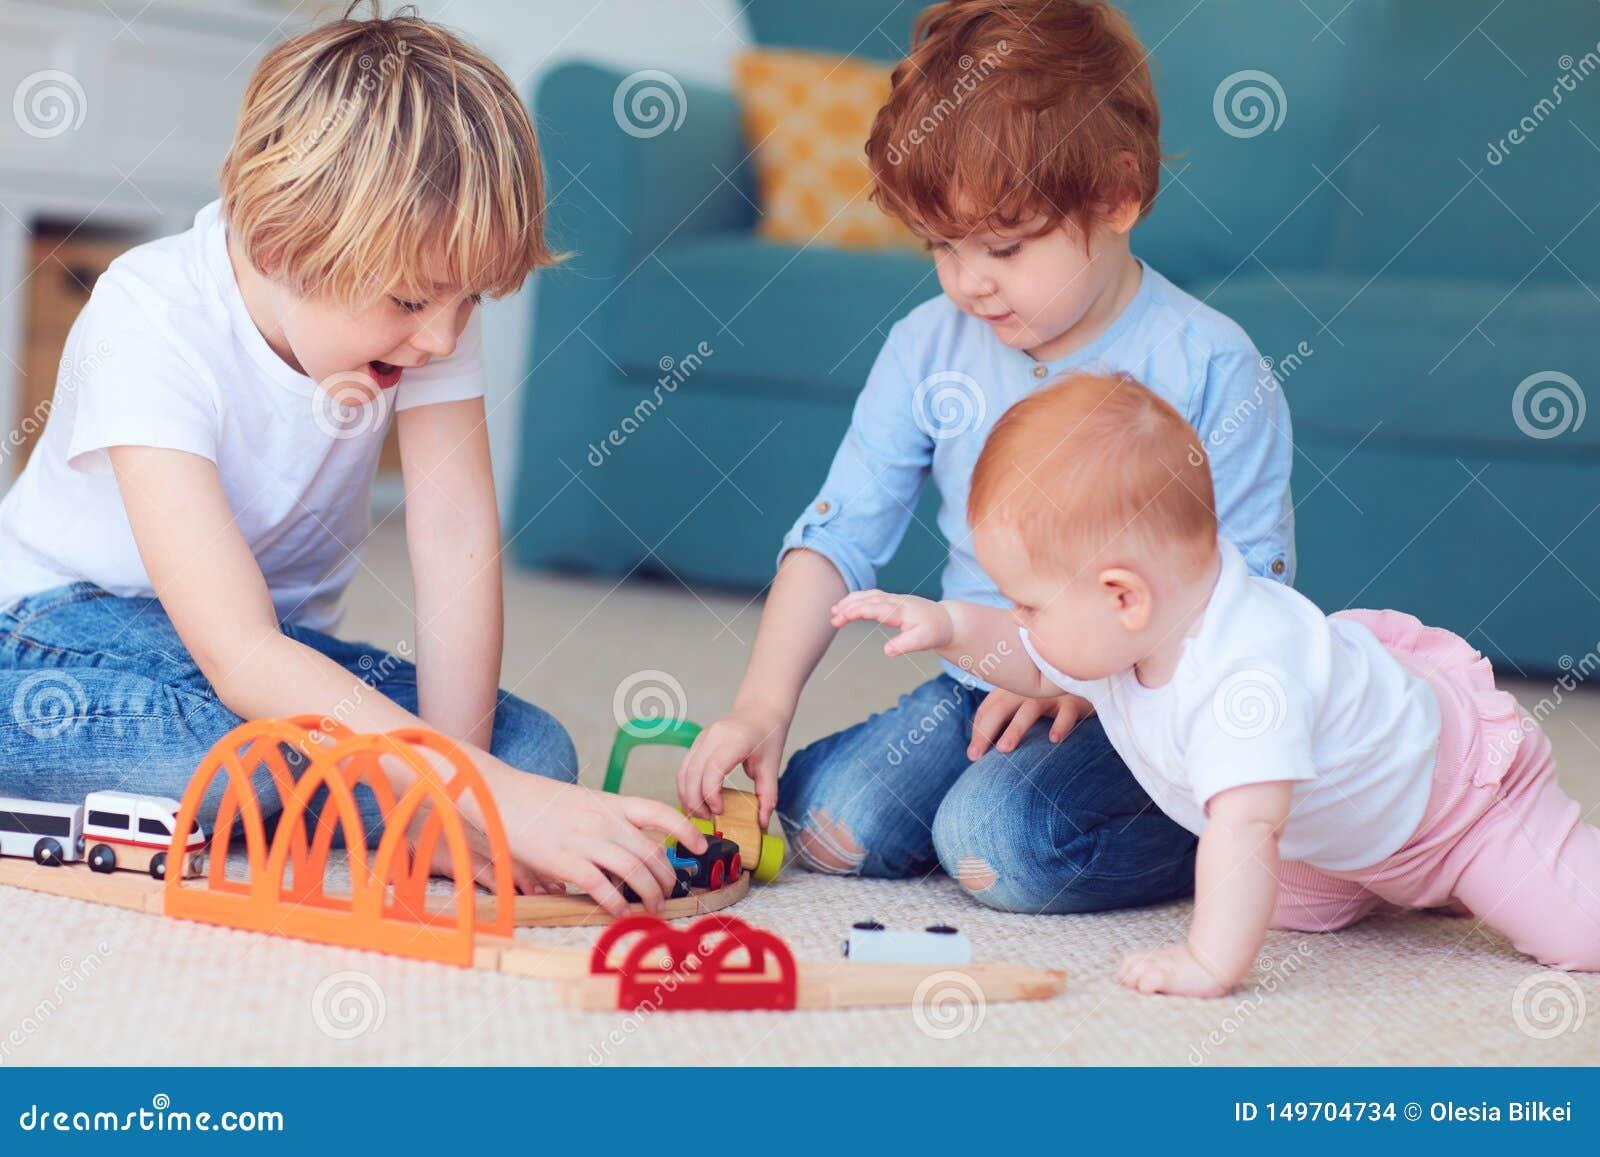 ?liczni dzieciaki, rodze?stwa bawi? si? zabawki wp?lnie na dywanie w domu